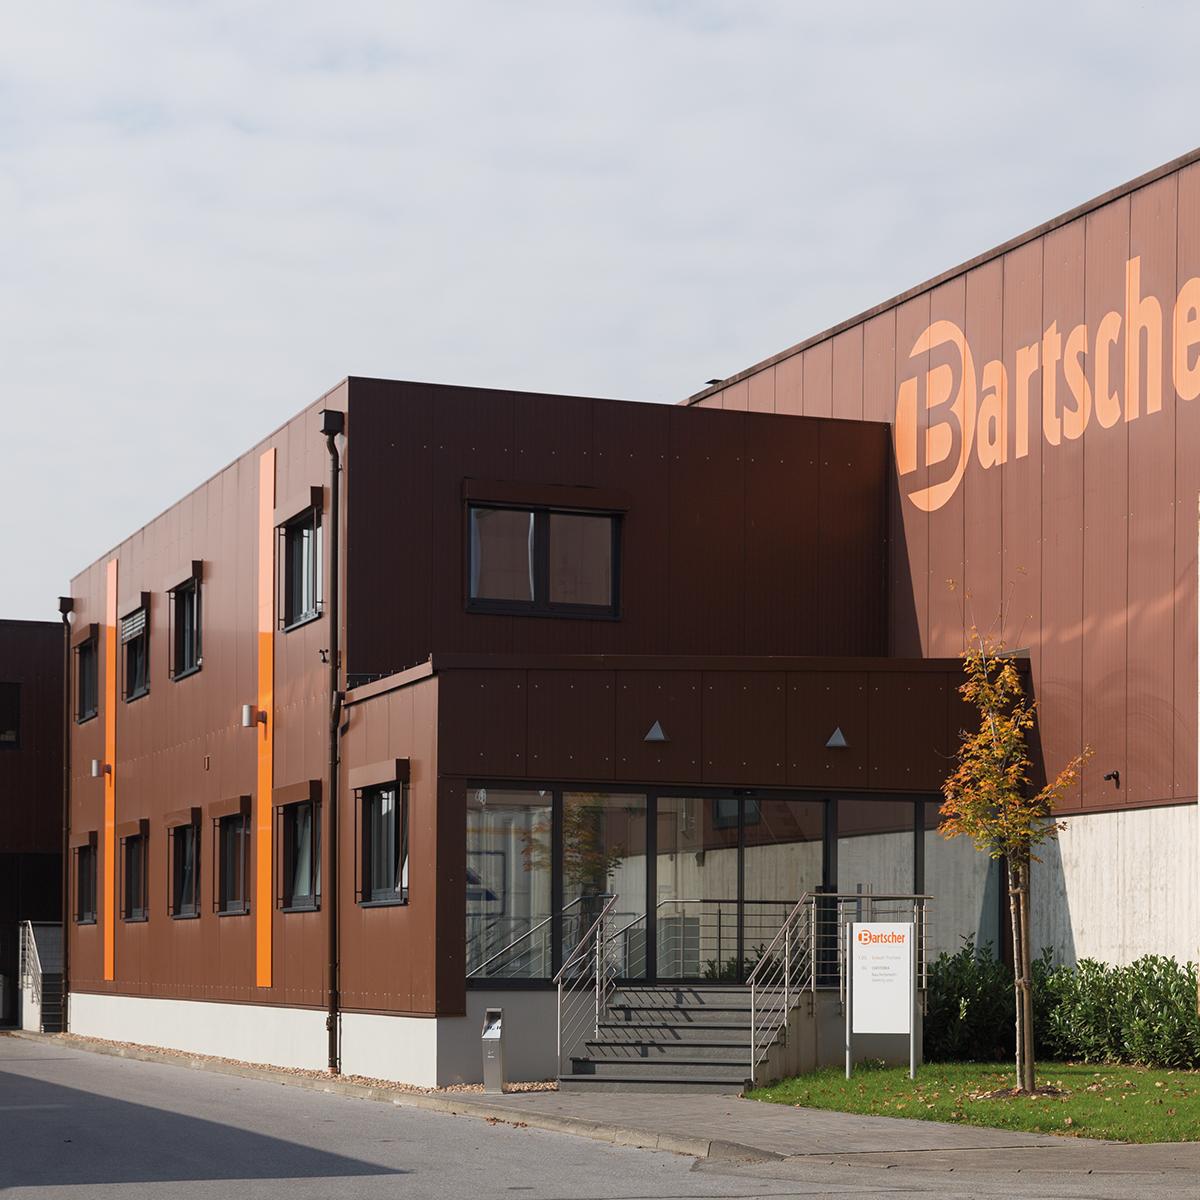 bartscher wyposa enie kuchni gastronomicznych w europie opinie sklep a. Black Bedroom Furniture Sets. Home Design Ideas